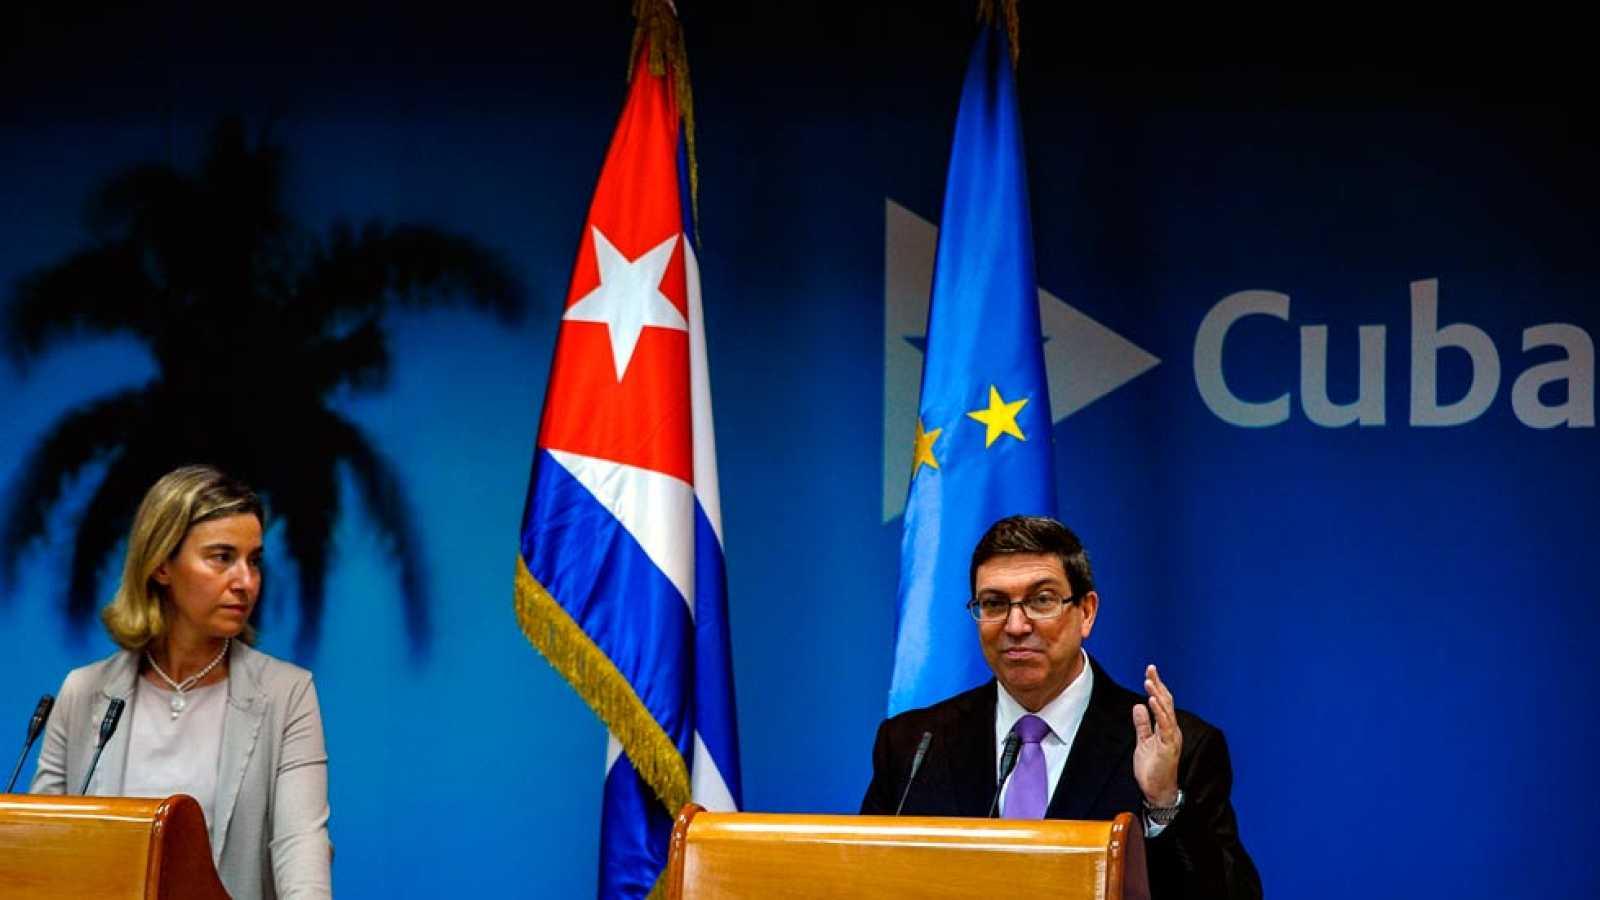 Cuba y la UE firman el acuerdo que abre la puerta a la normalización de las relaciones diplomáticas